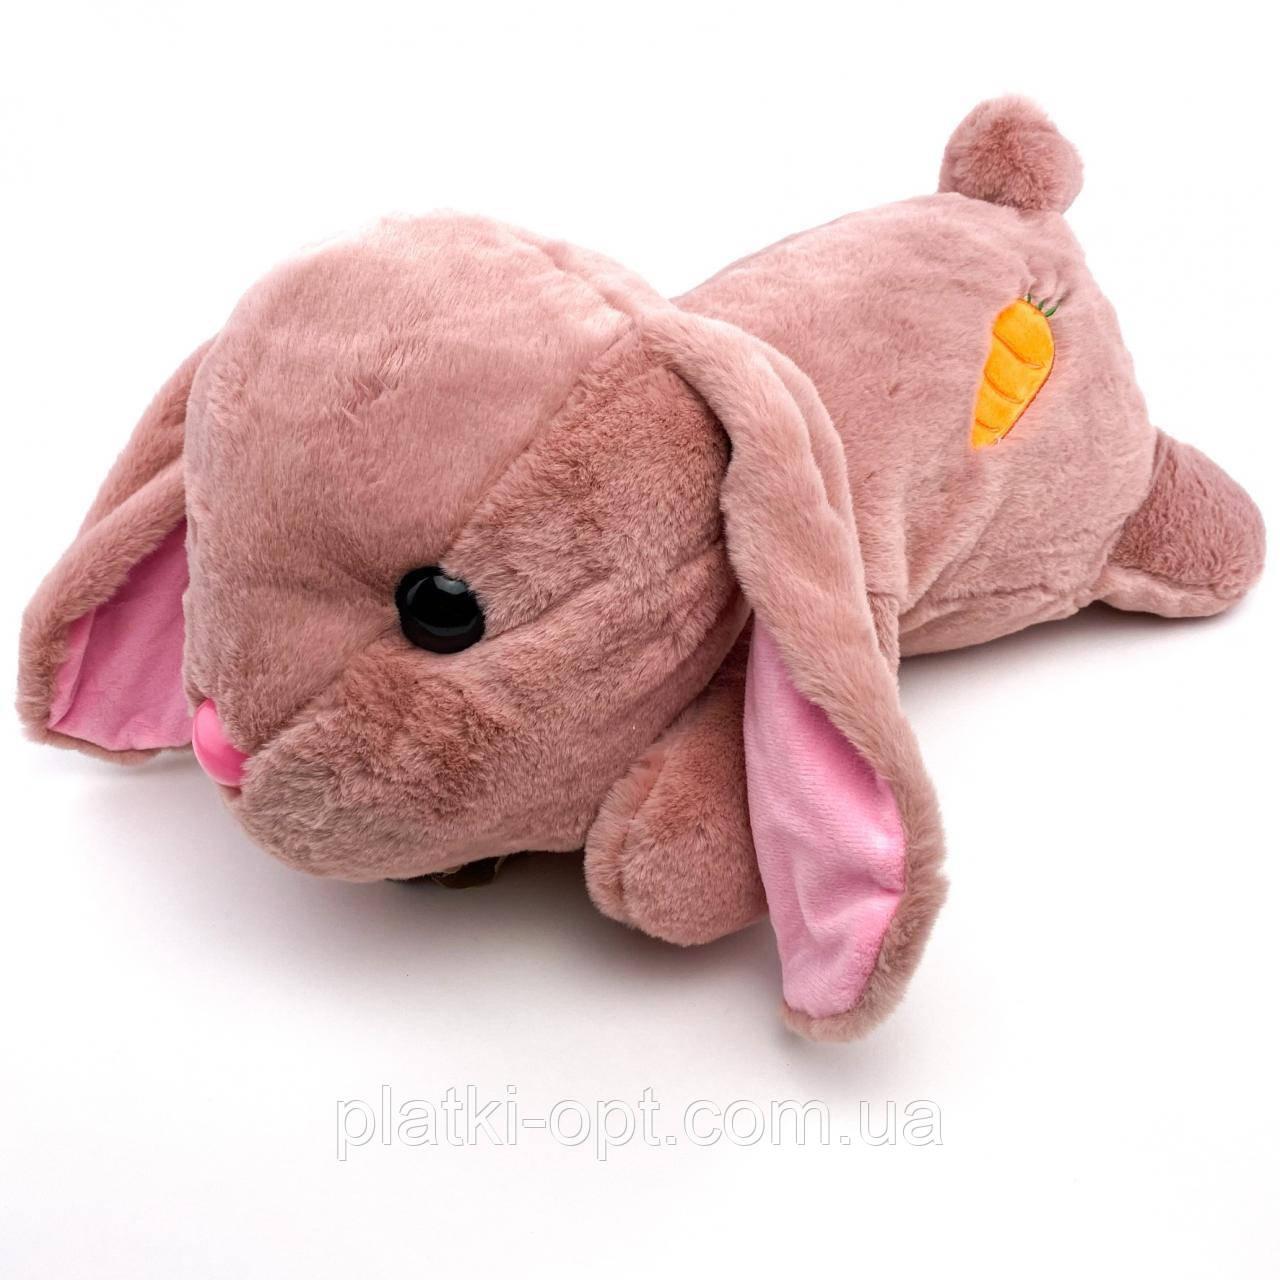 """Детский плед-игрушка """"Кролик"""" (розовый)"""